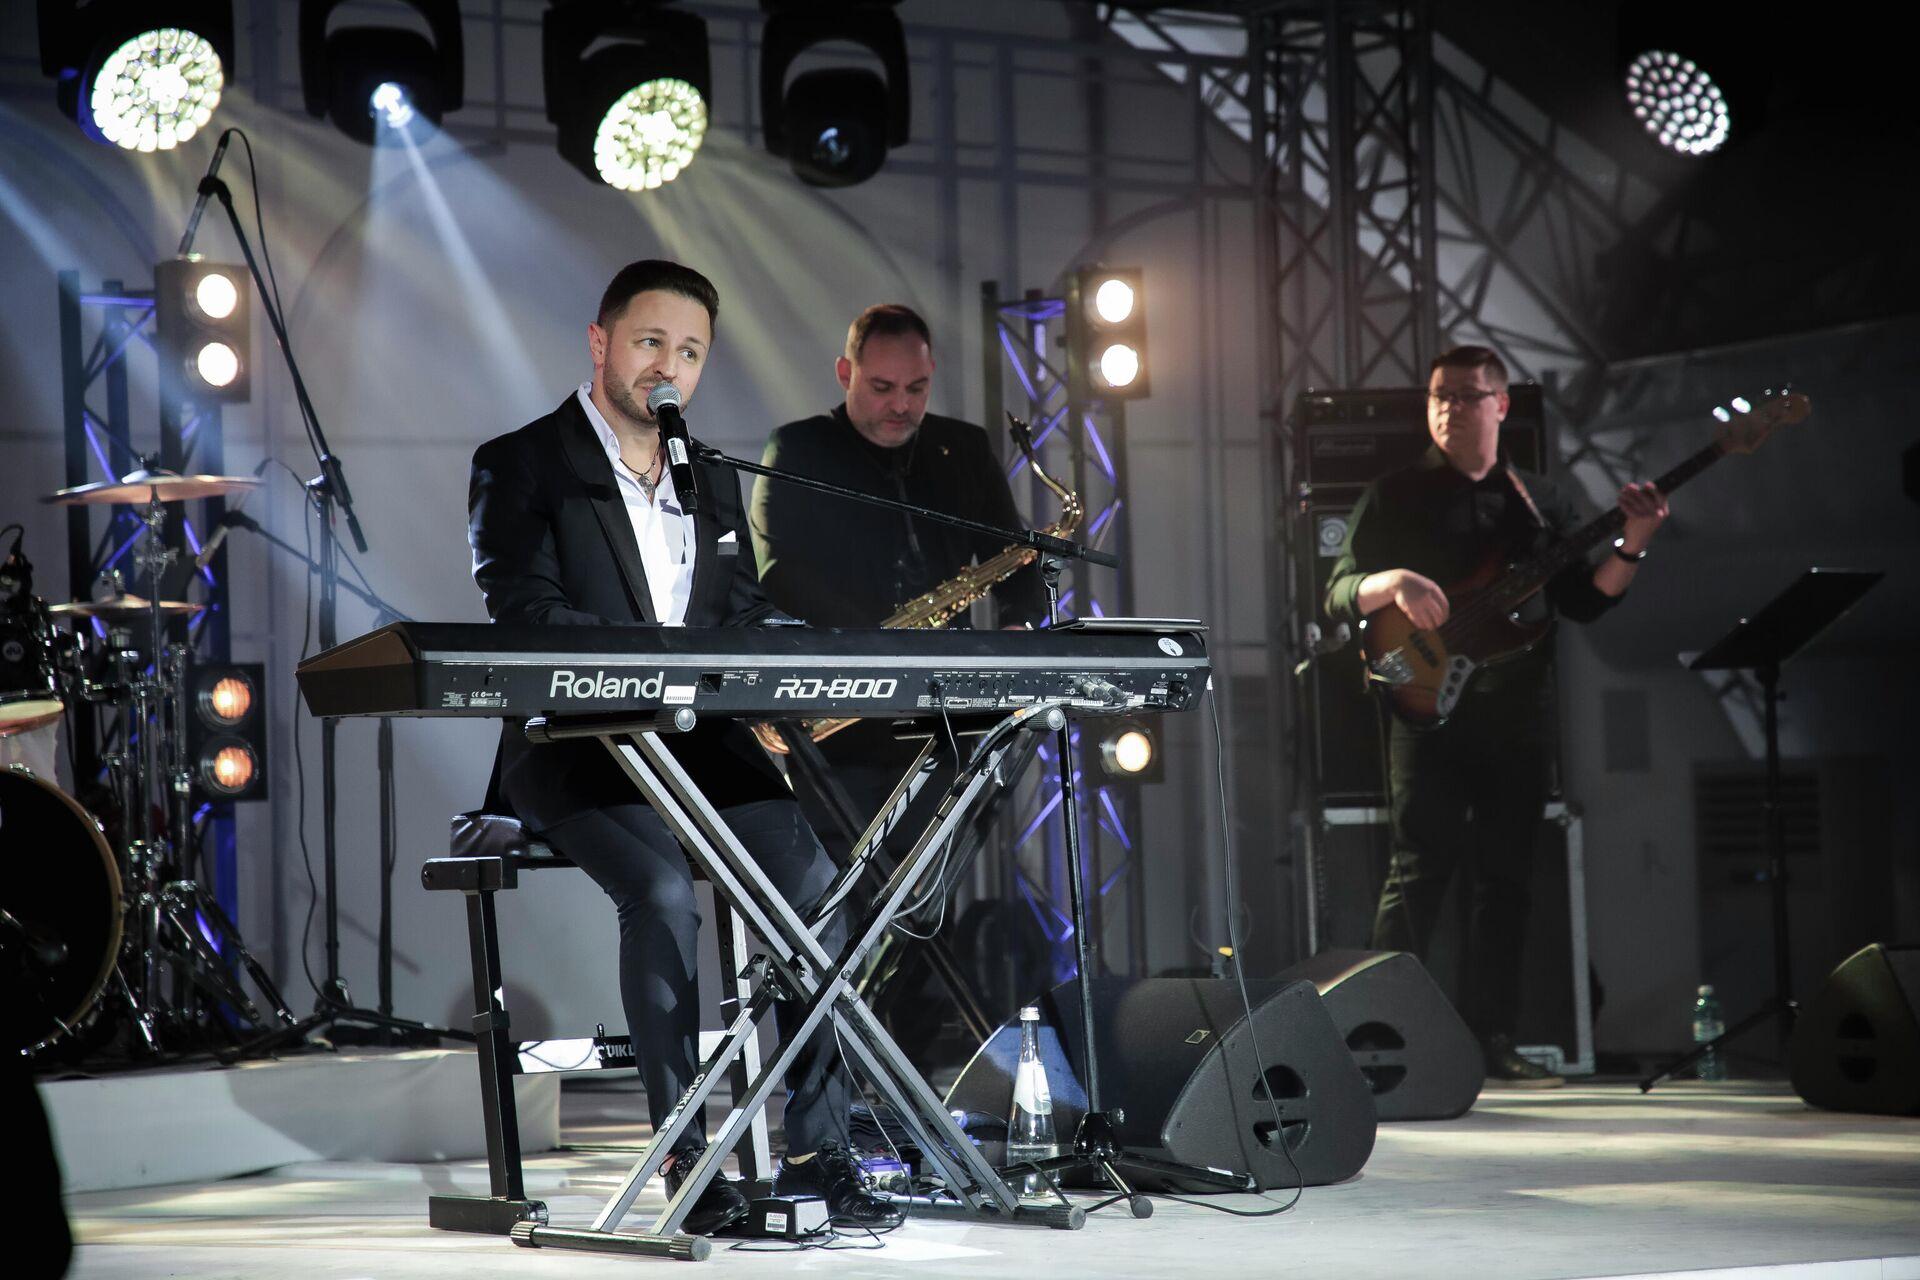 Певец Брендон Стоуна во время выступления на концерте на территории Sea Breeze Event Hall - Sputnik Азербайджан, 1920, 10.10.2021